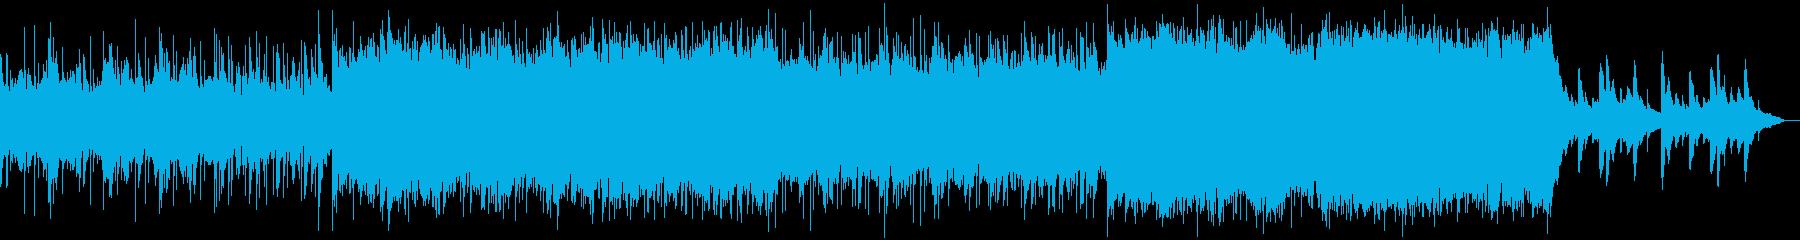 ダークファンタジー、ゴシックなハロウィンの再生済みの波形